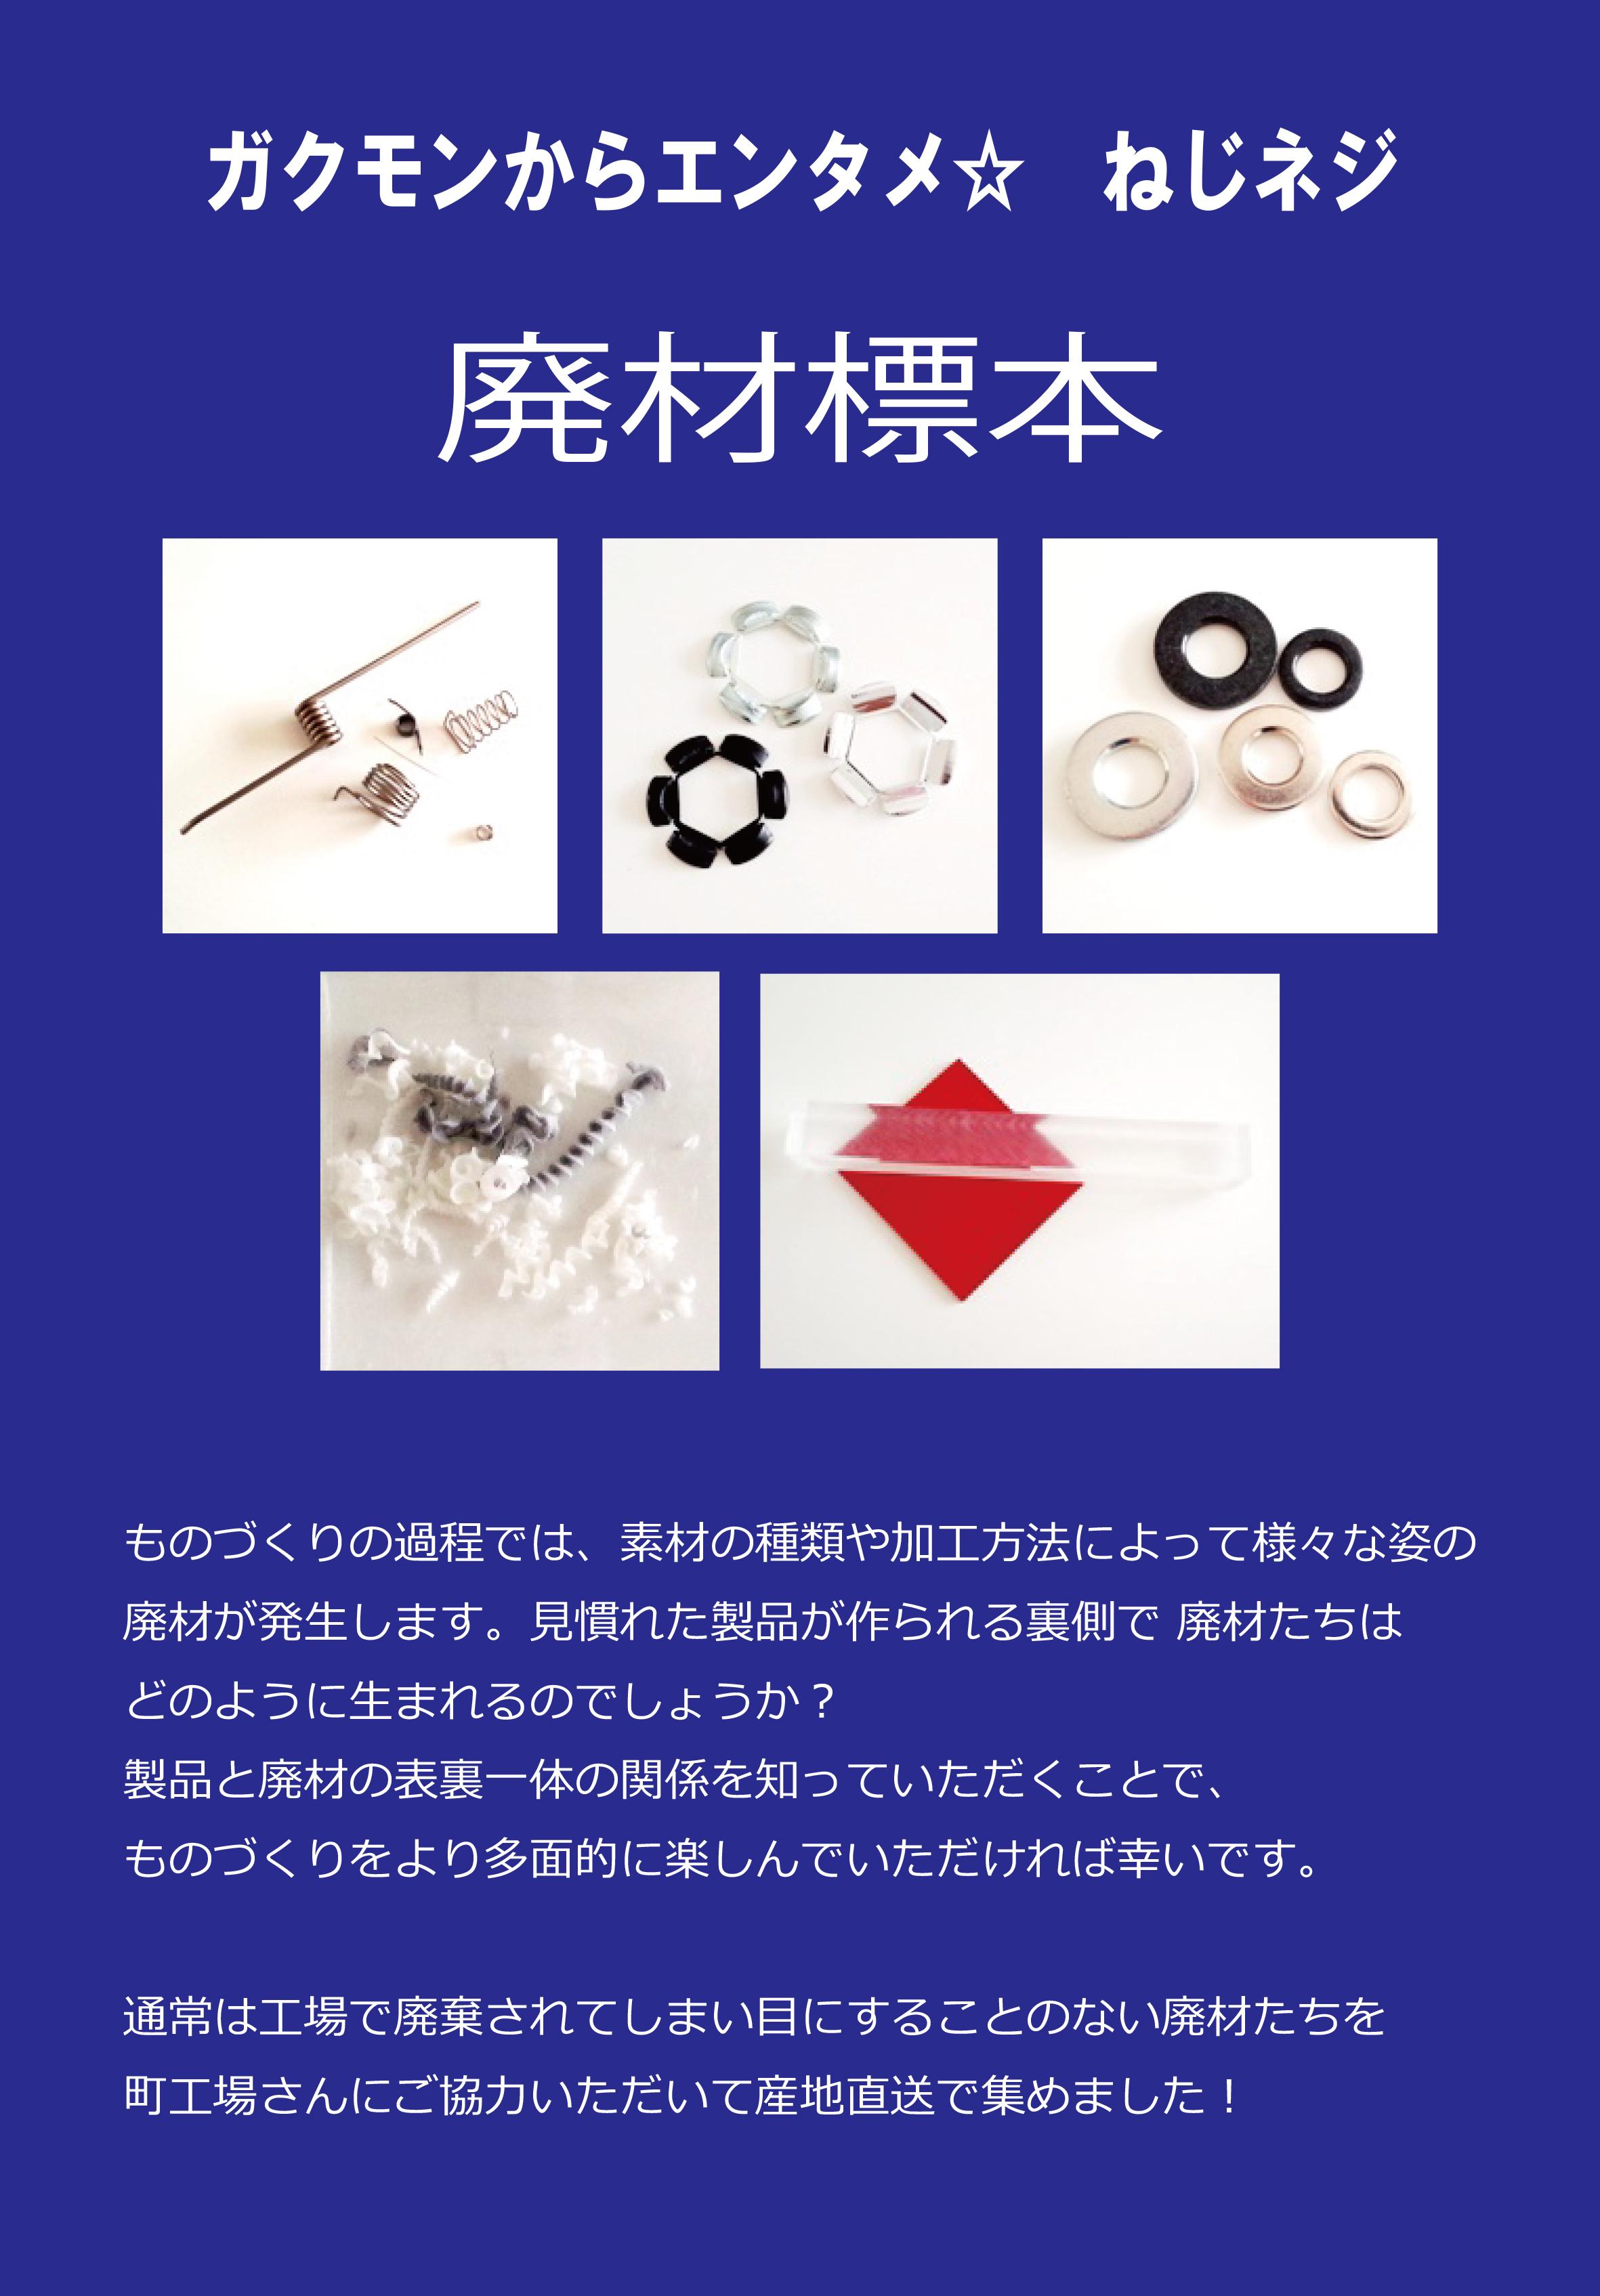 2018_ガクタメ_ねじネジ屋_01-1